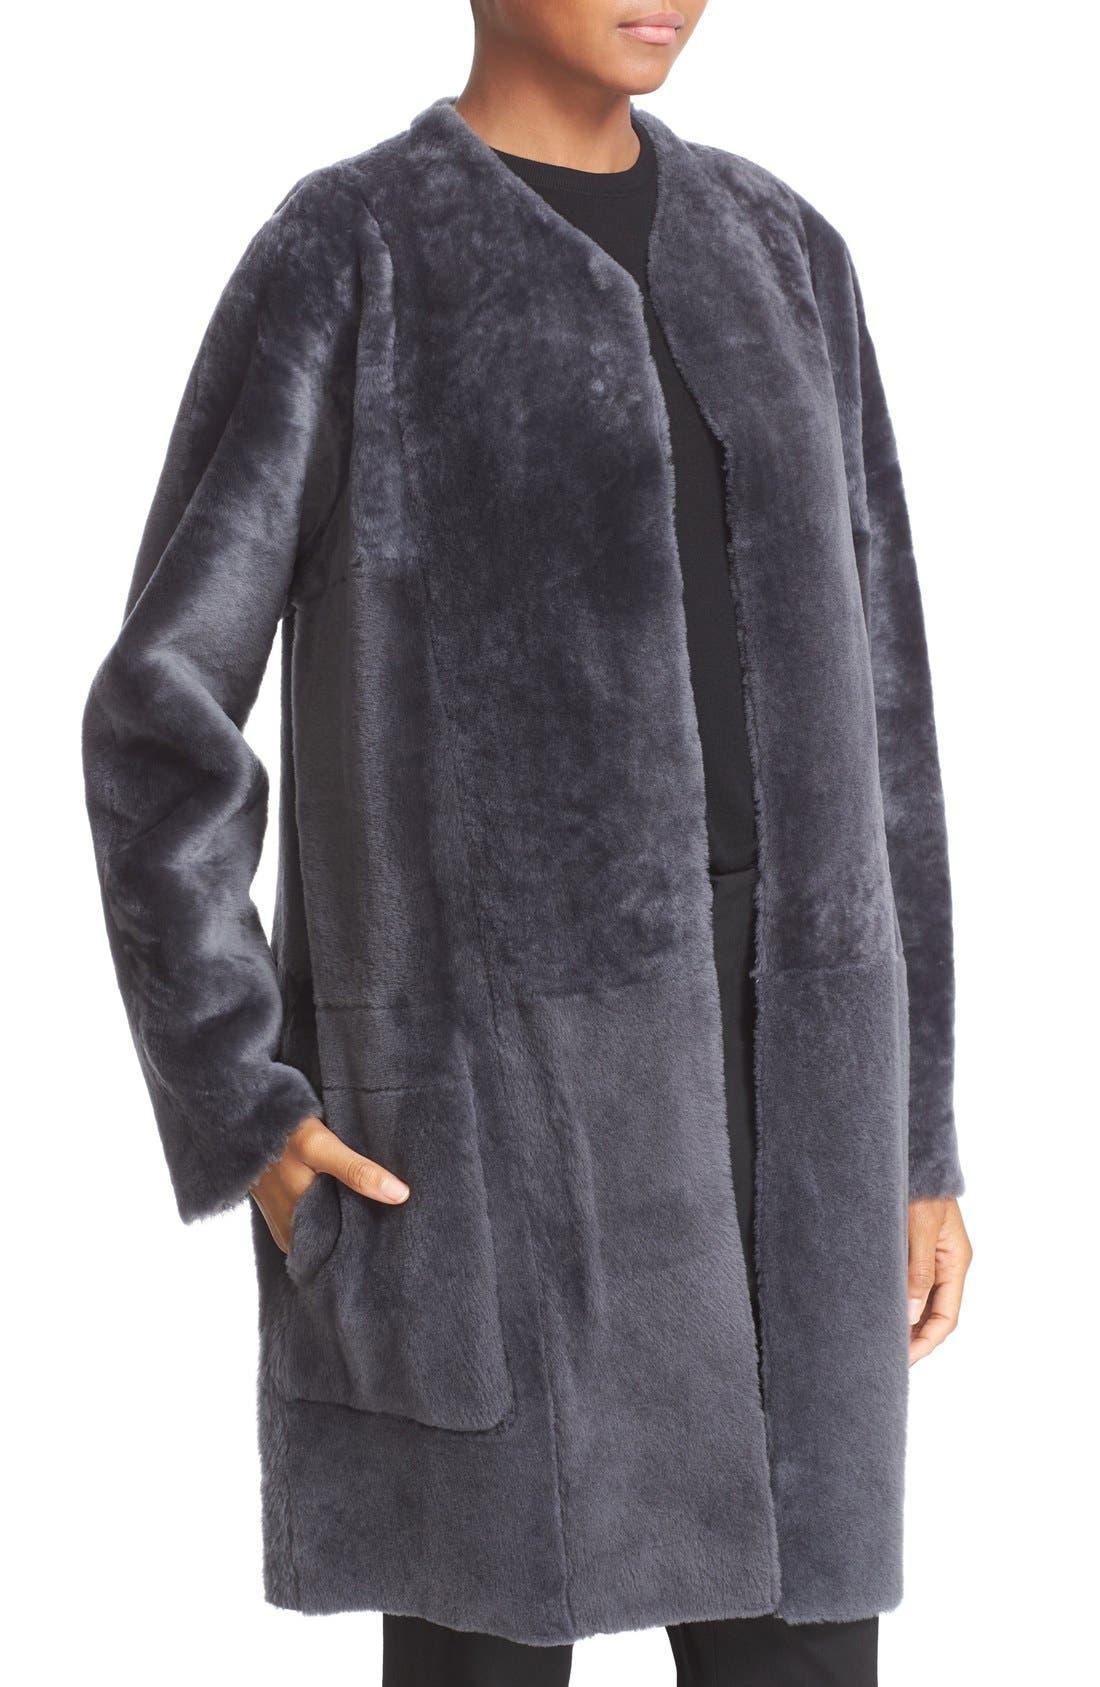 Reversible Genuine Shearling Car Coat,                             Main thumbnail 1, color,                             082